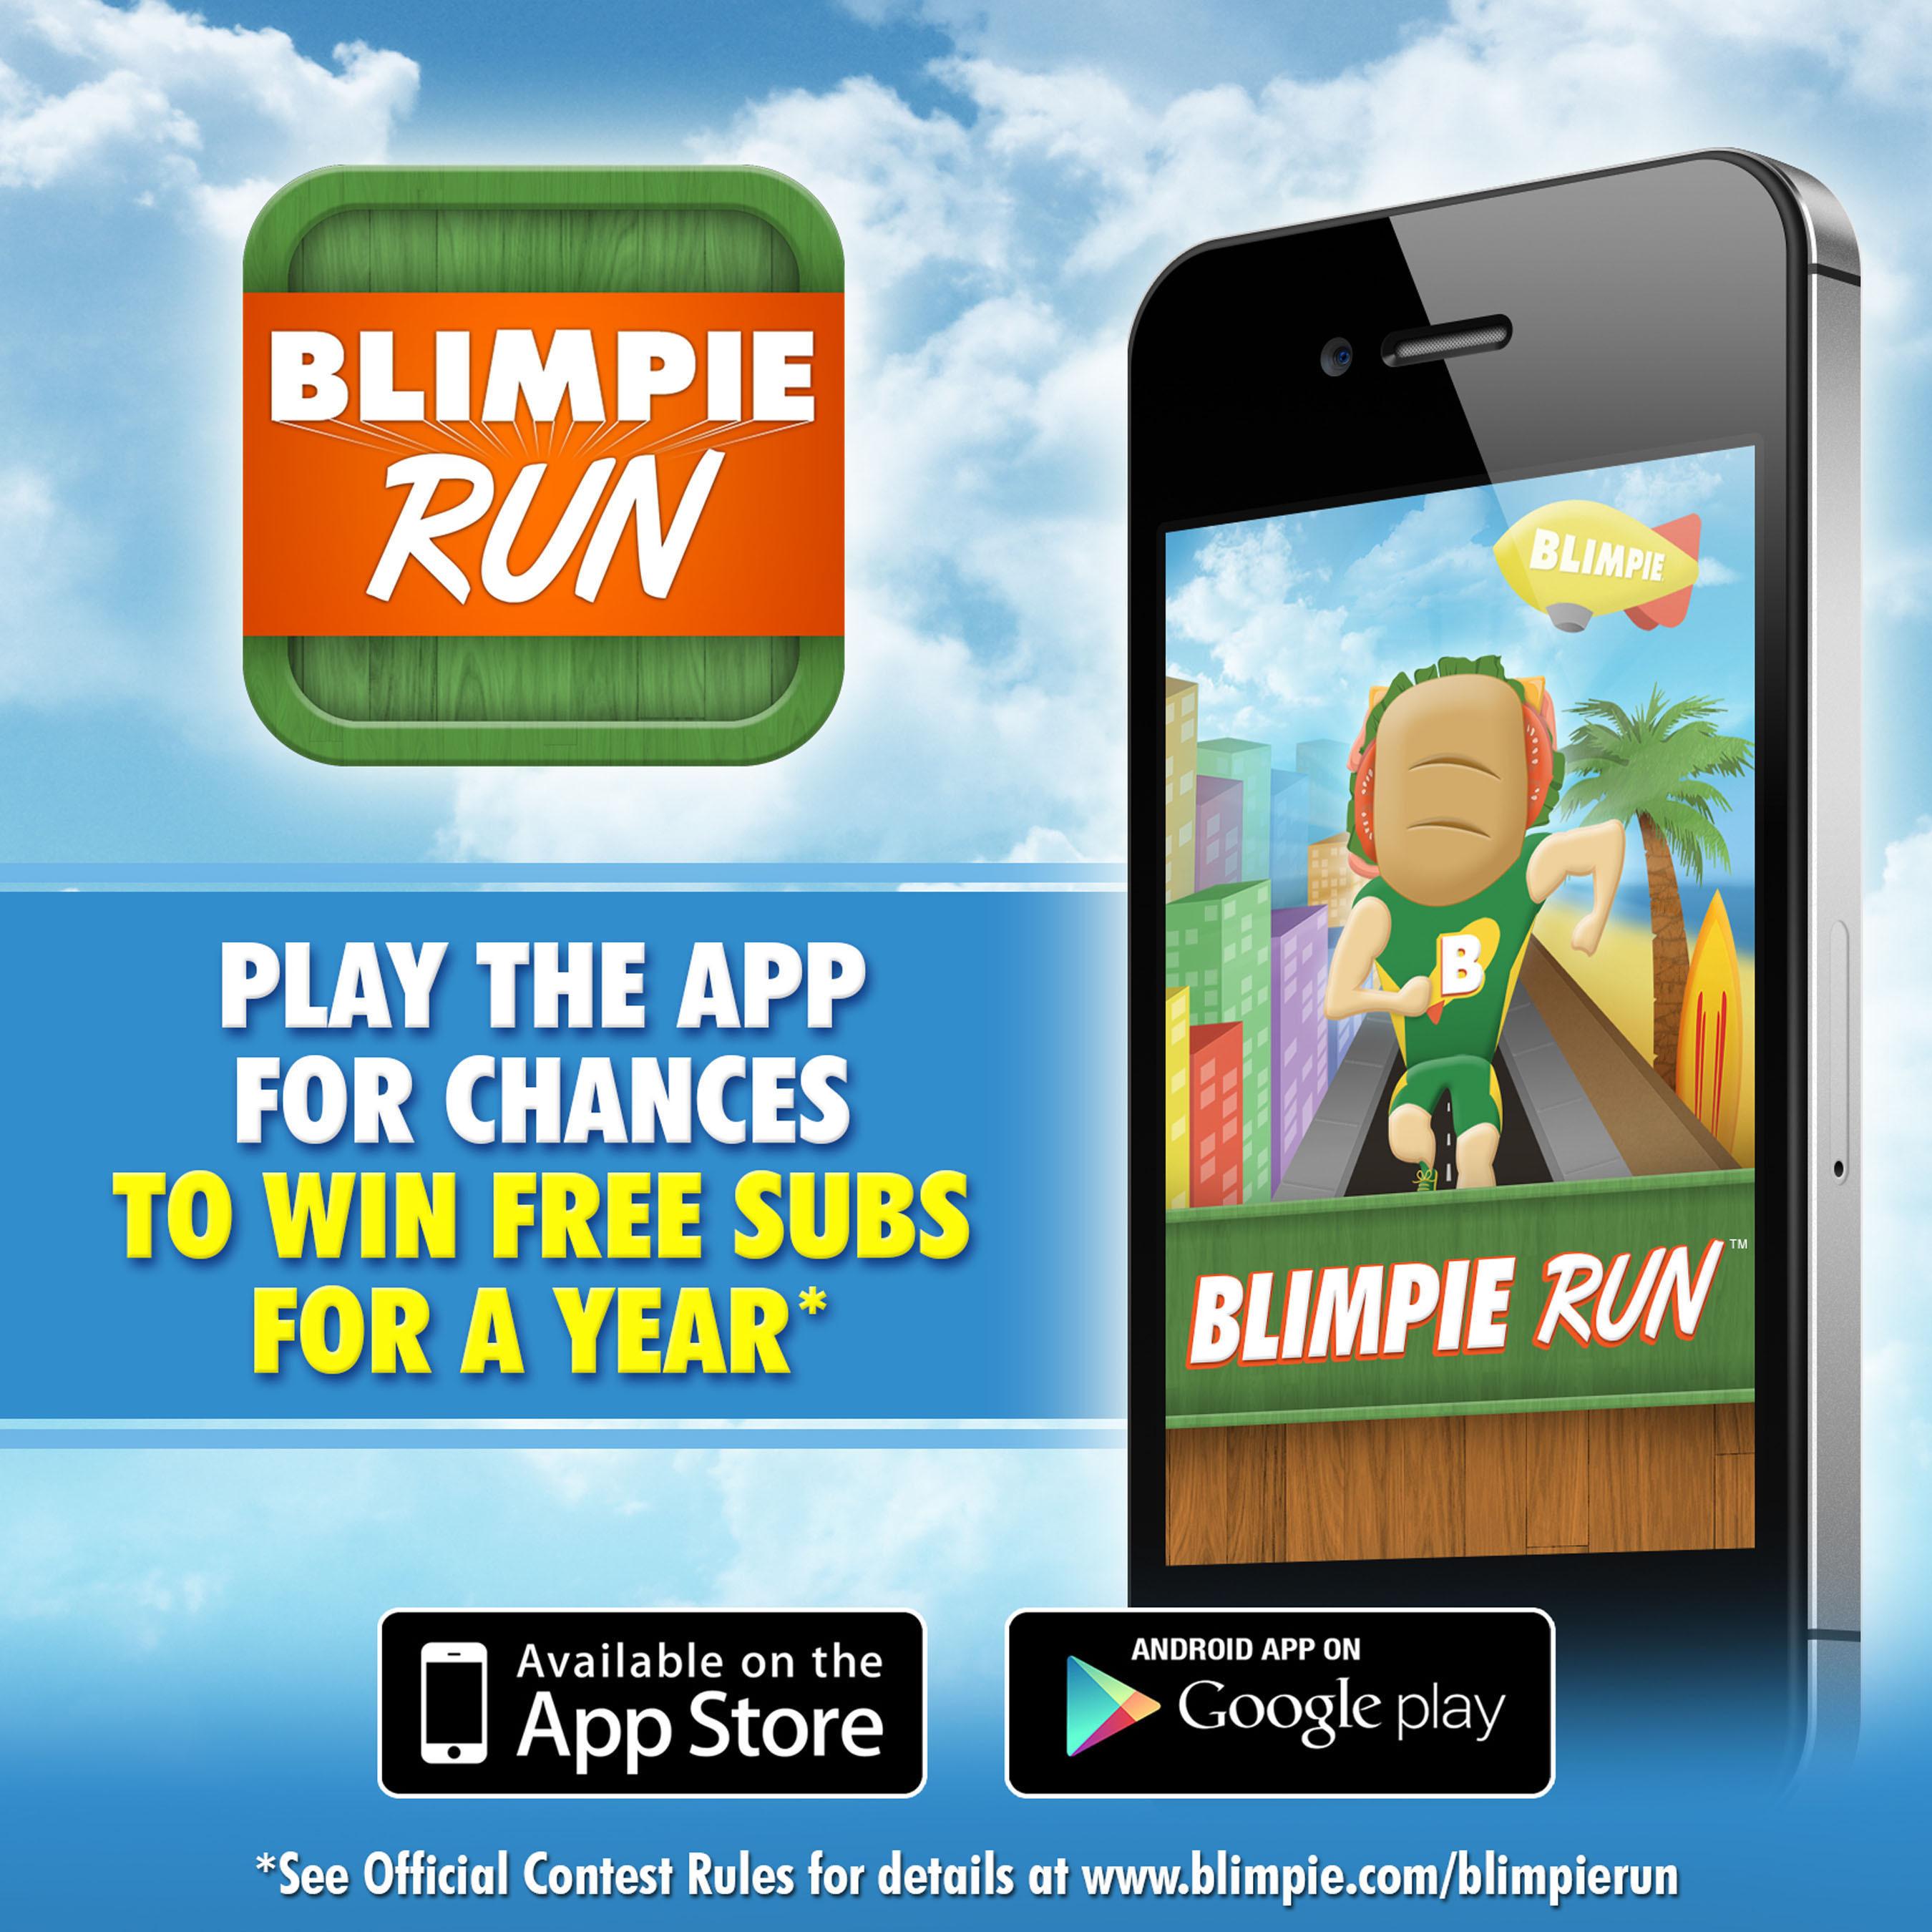 Blimpie Launches New App. (PRNewsFoto/Blimpie) (PRNewsFoto/BLIMPIE)